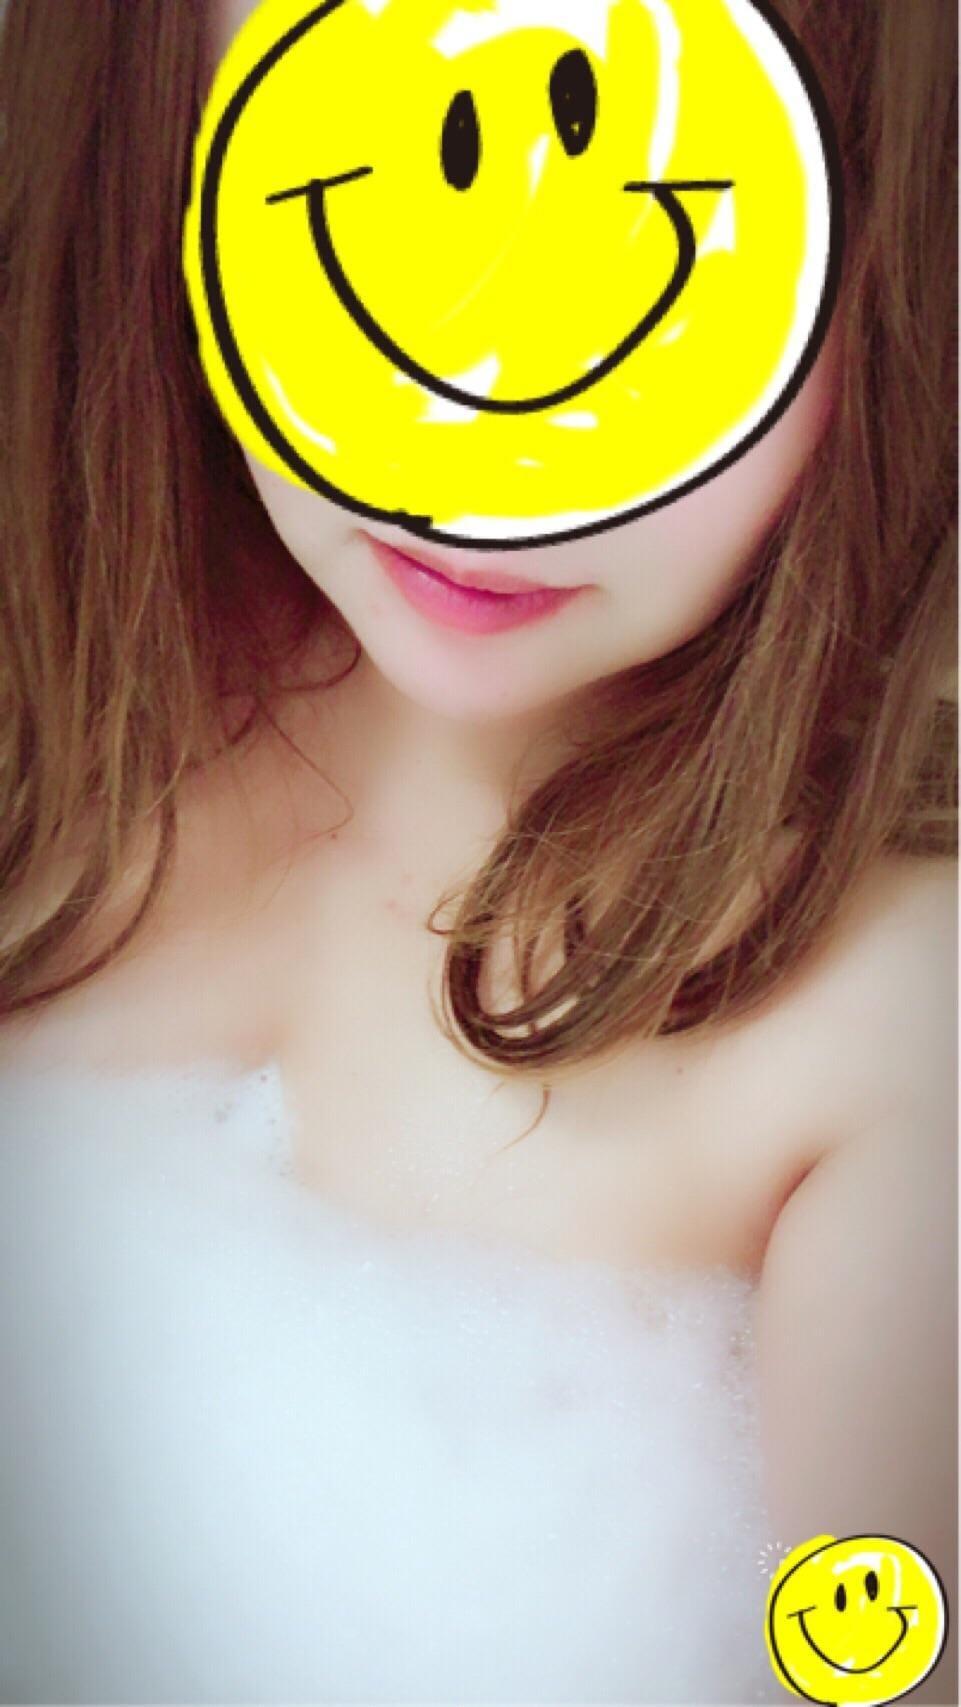 「こんにちは?」09/11(09/11) 14:27 | かぐらの写メ・風俗動画